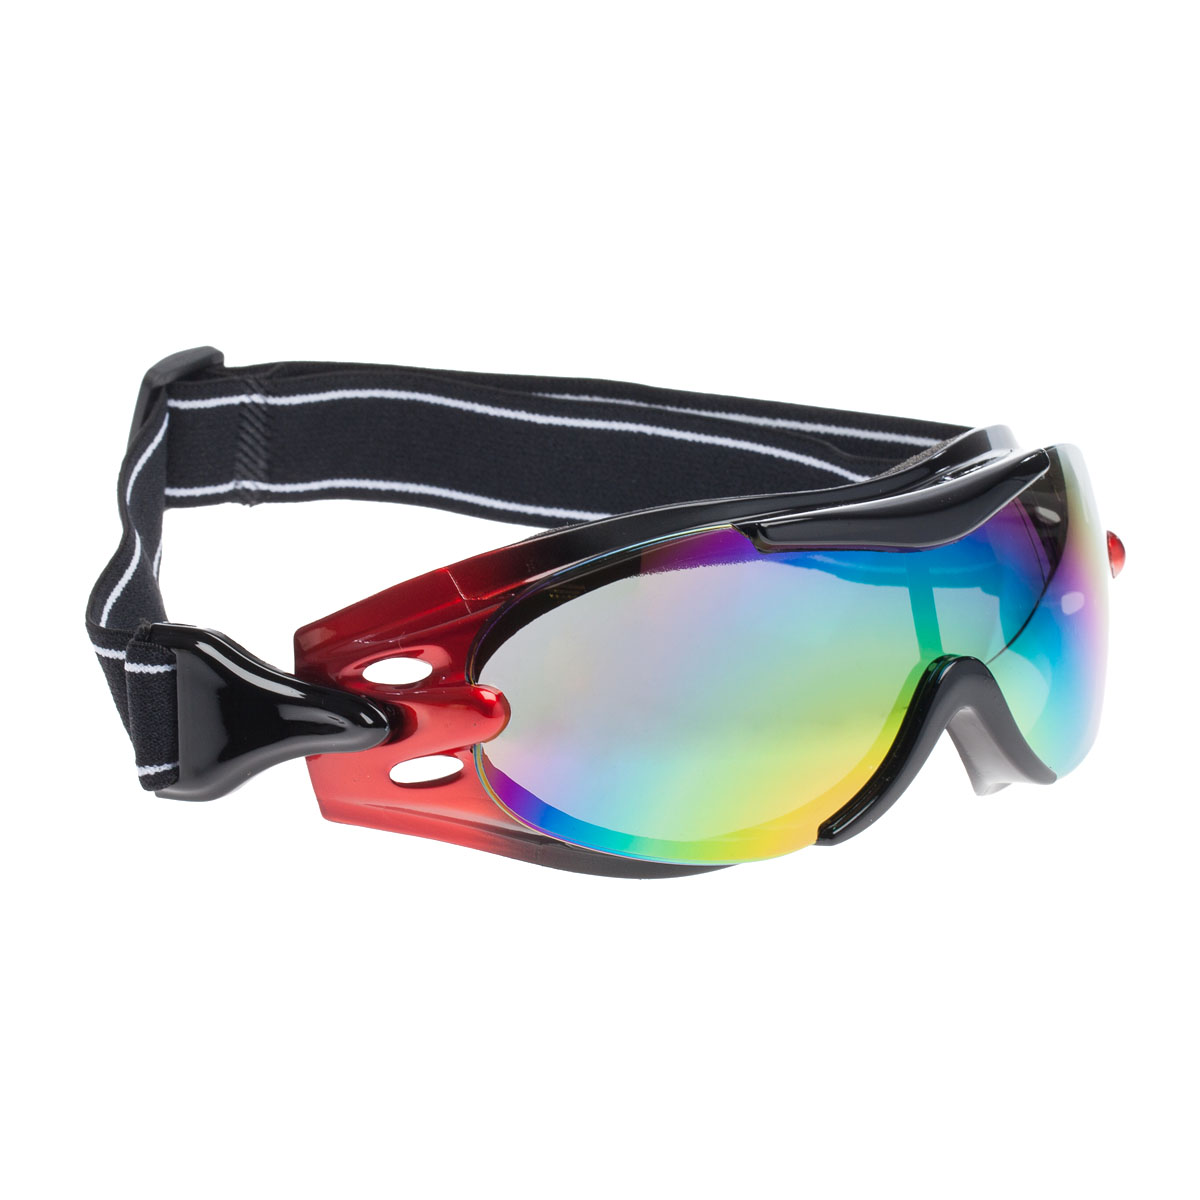 Фото - Горнолыжные очки Exparc, 15653-8 горнолыжные очки reсon zeal hd orange